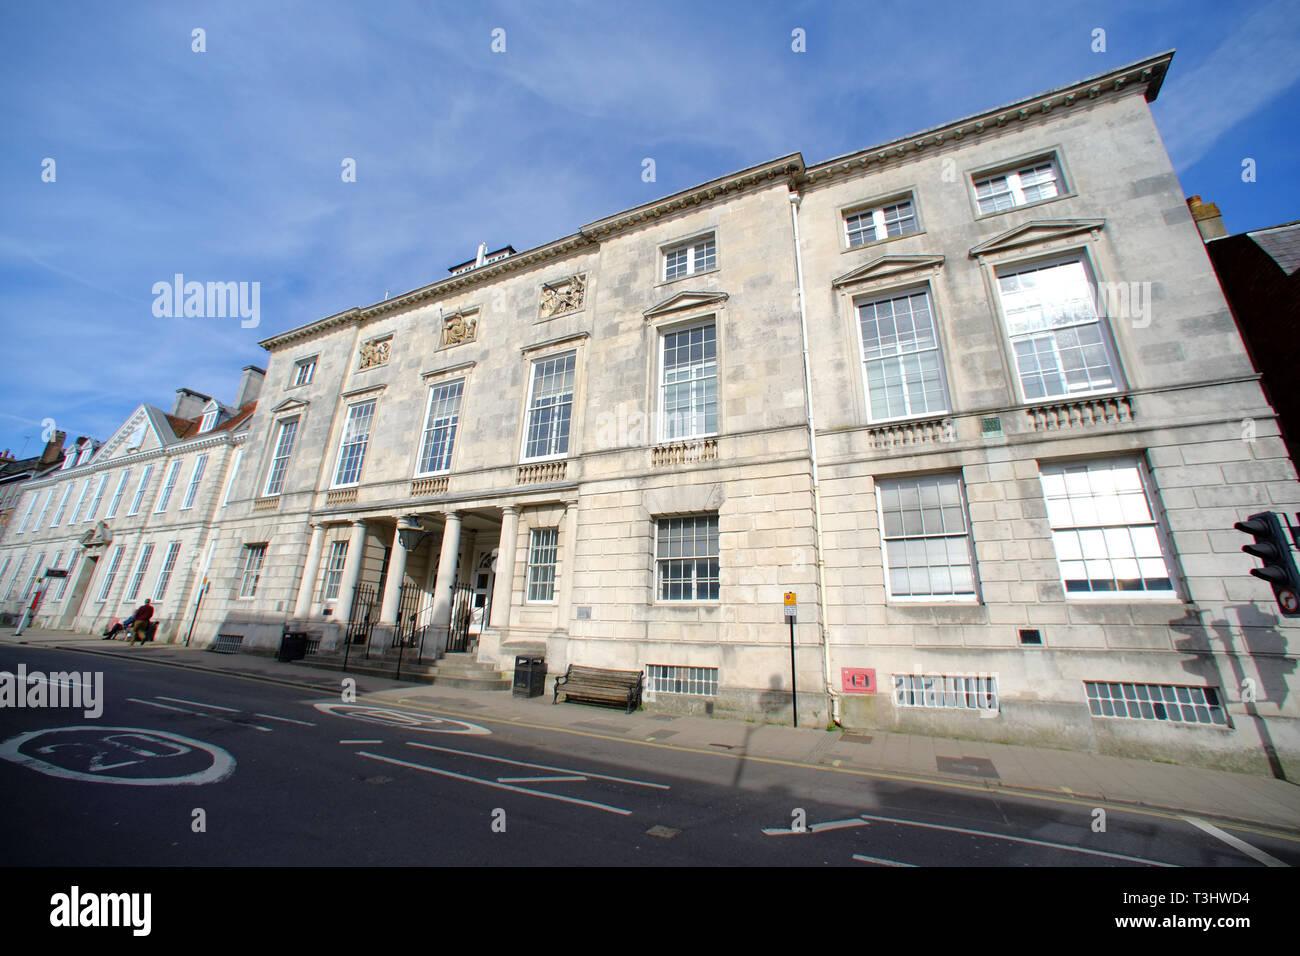 Crown Court en Lewes, Lewes, East Sussex, Reino Unido Foto de stock